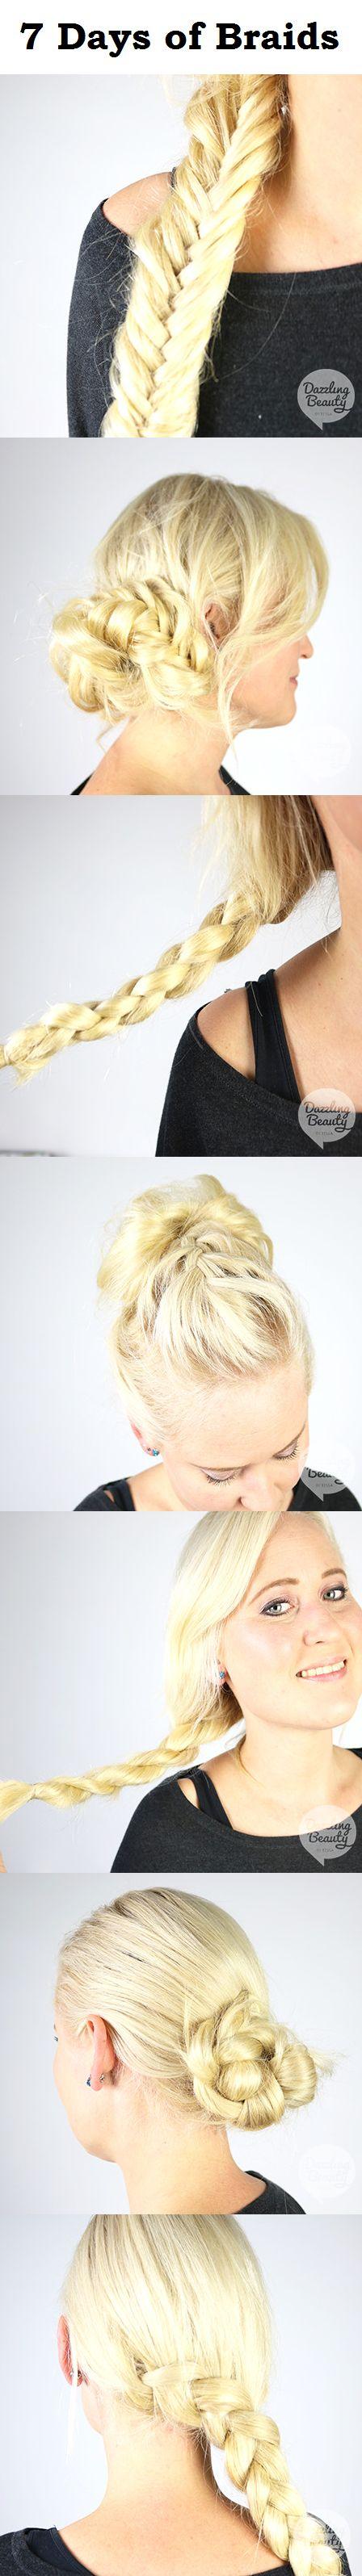 7 days of braids! Every day a different braid. Check my blog for the hair tutorials http://www.dazzling-beauty.nl/haar/tutorials/vlechten-7-dagen-een-andere-vlecht